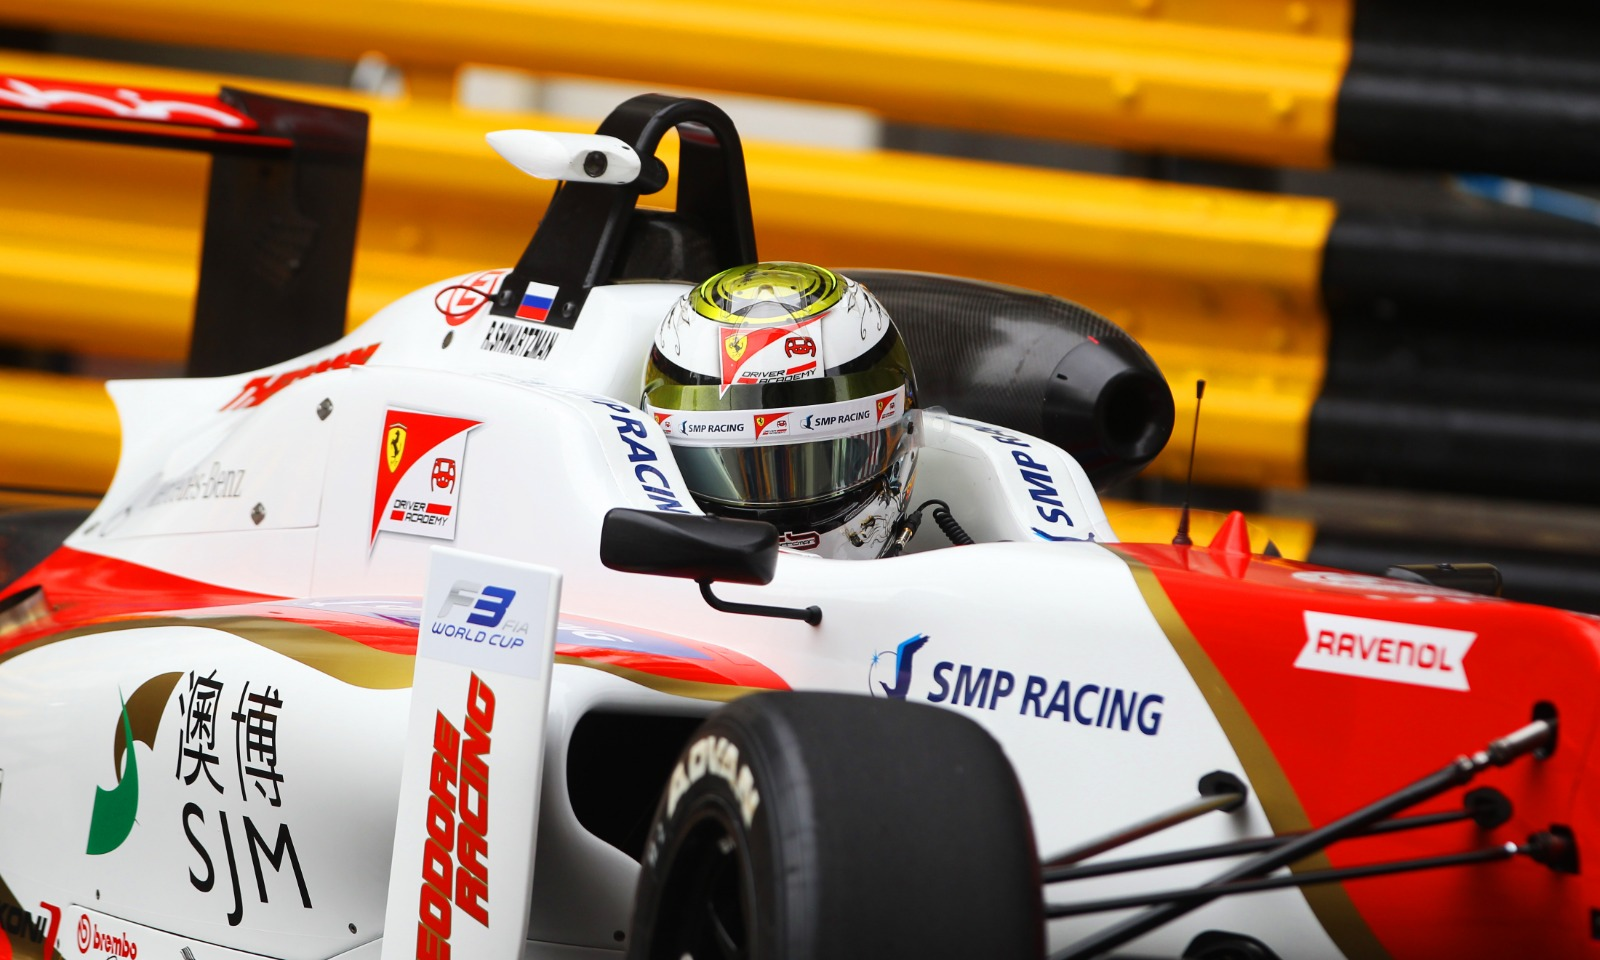 擁主場之利的澳博德利車隊,派出三名囊括今屆國際汽聯三級方程式錦標賽(F3)三甲的車手上場,力爭主場揚威。相片由公關提供